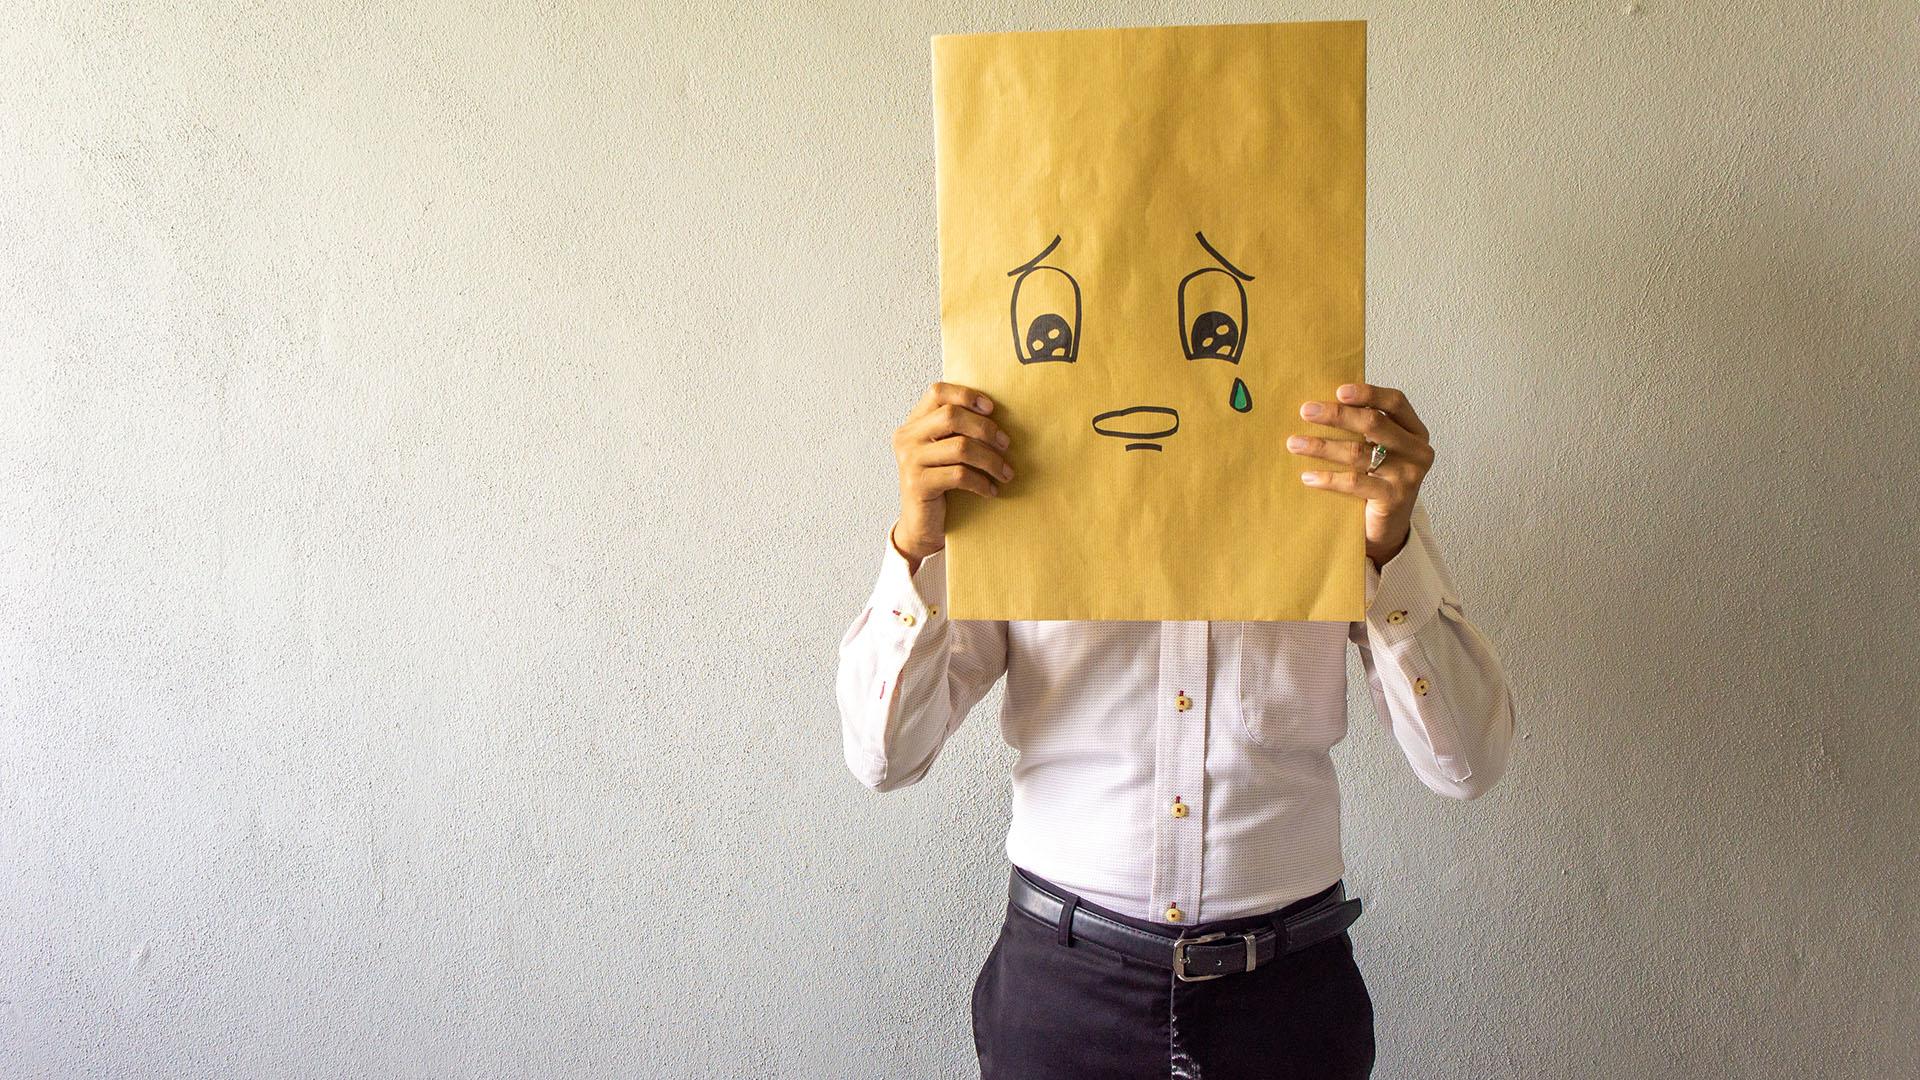 eredmények hozzáállás időhúzás jellemvonás kedvesség kifogások kudarc külső impulzus nyitottság sikertelen ember sikertelenek sajátossága teljesítmény viselkedésforma